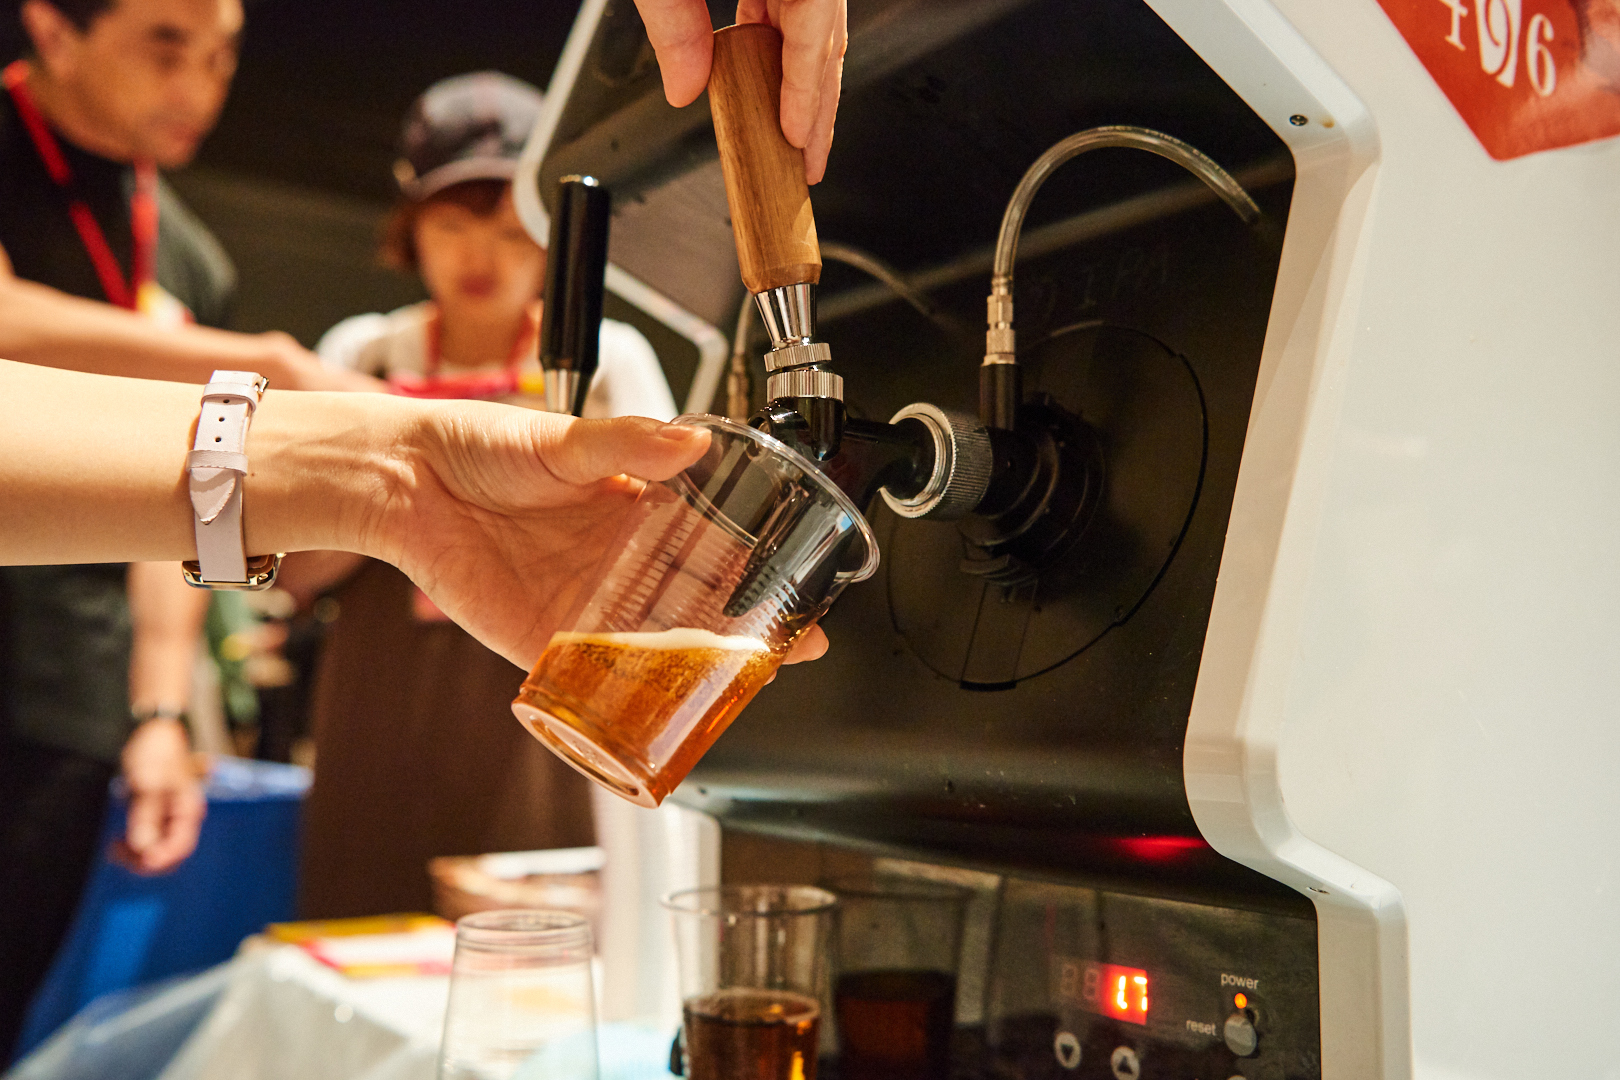 クラフトビール専用のサーバー「タップ・マルシェ」から注がれるフレッシュなビール